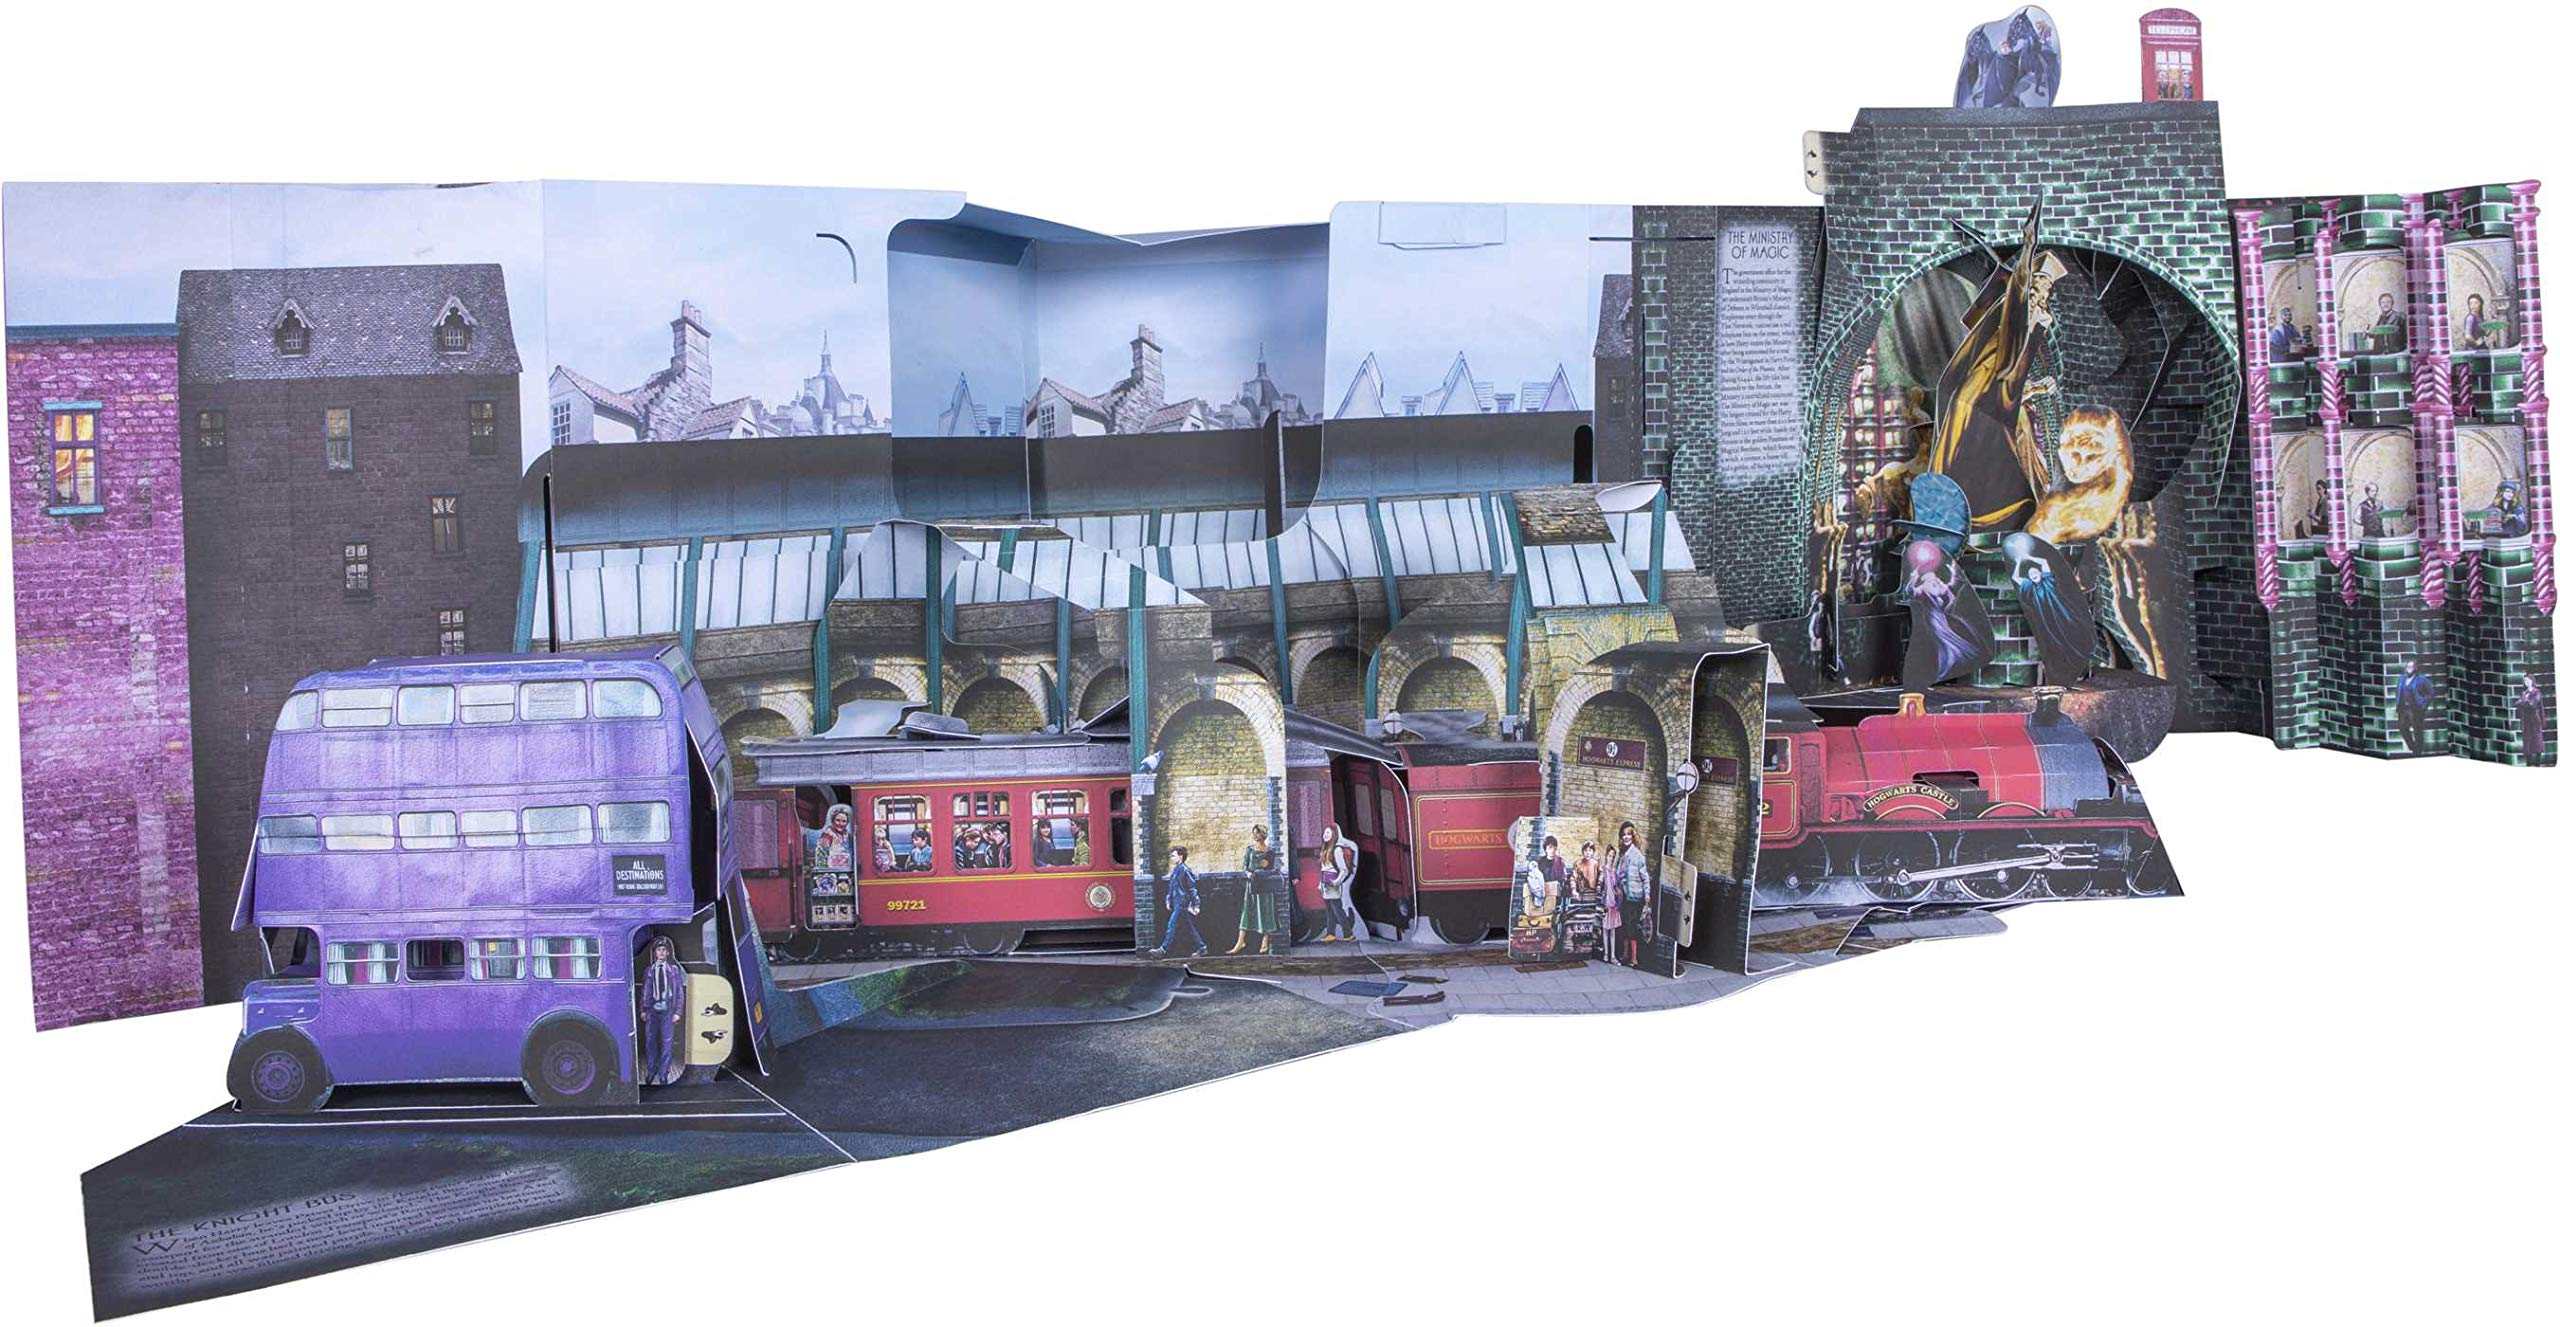 Diorama du Londres magique dans Le Grand Livre Pop up du Chemin de Traverse